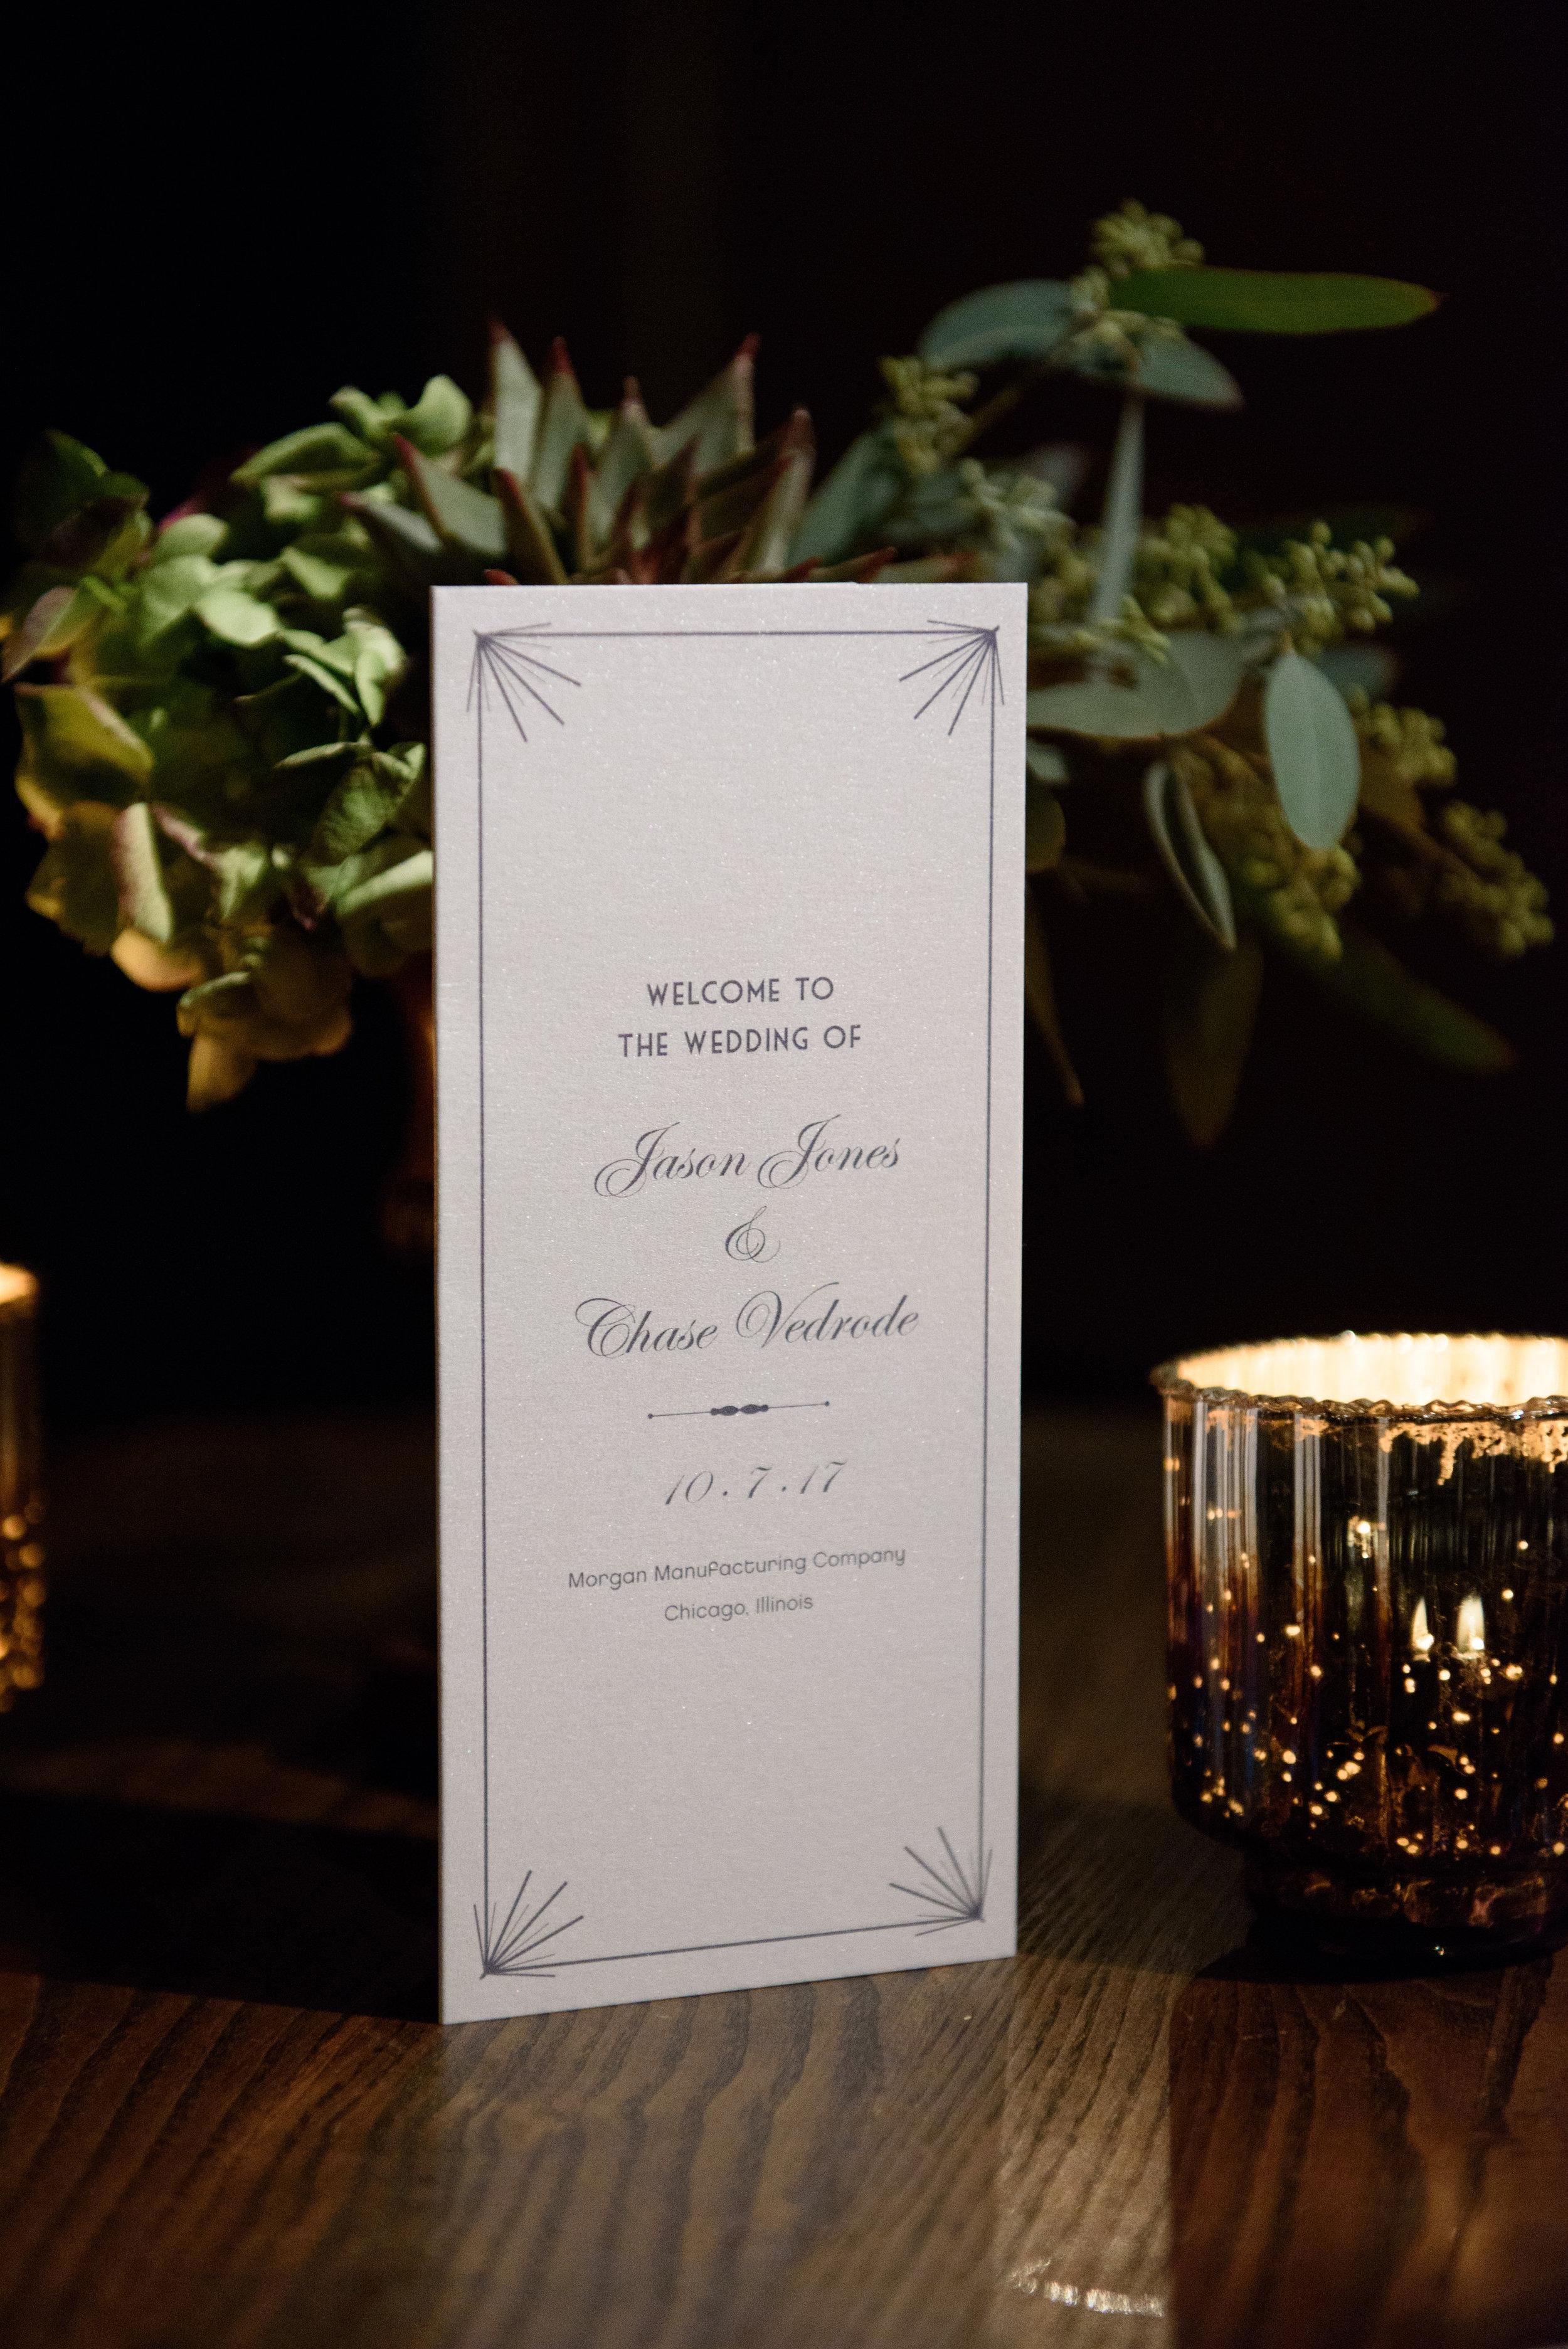 Jason-Chase-wedding-nakai-photography-0408.JPG